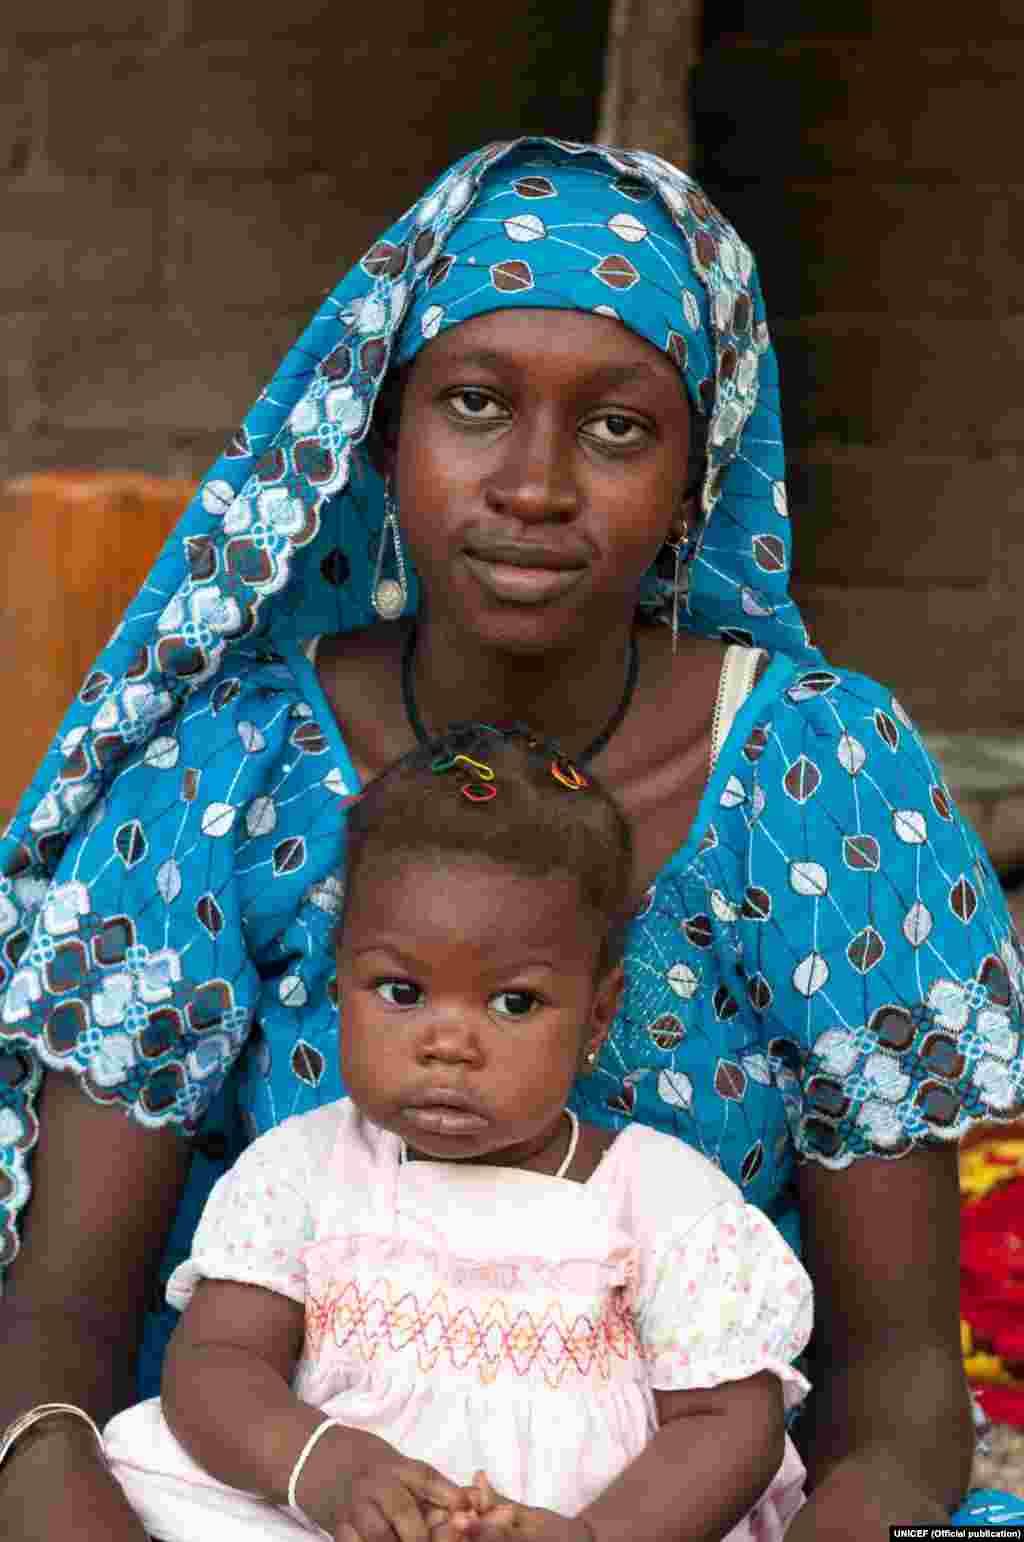 Foto tirada a 14 de Maio de 2015 em Maroua, nos Camarões. Nabila tinha 15 anos e confessa que se casou aos 14. Já estava grávida na altura. Ela só chegou até à 6ª classe. Pela sua filha, Nabila quer lutar contra o casamento prematuro